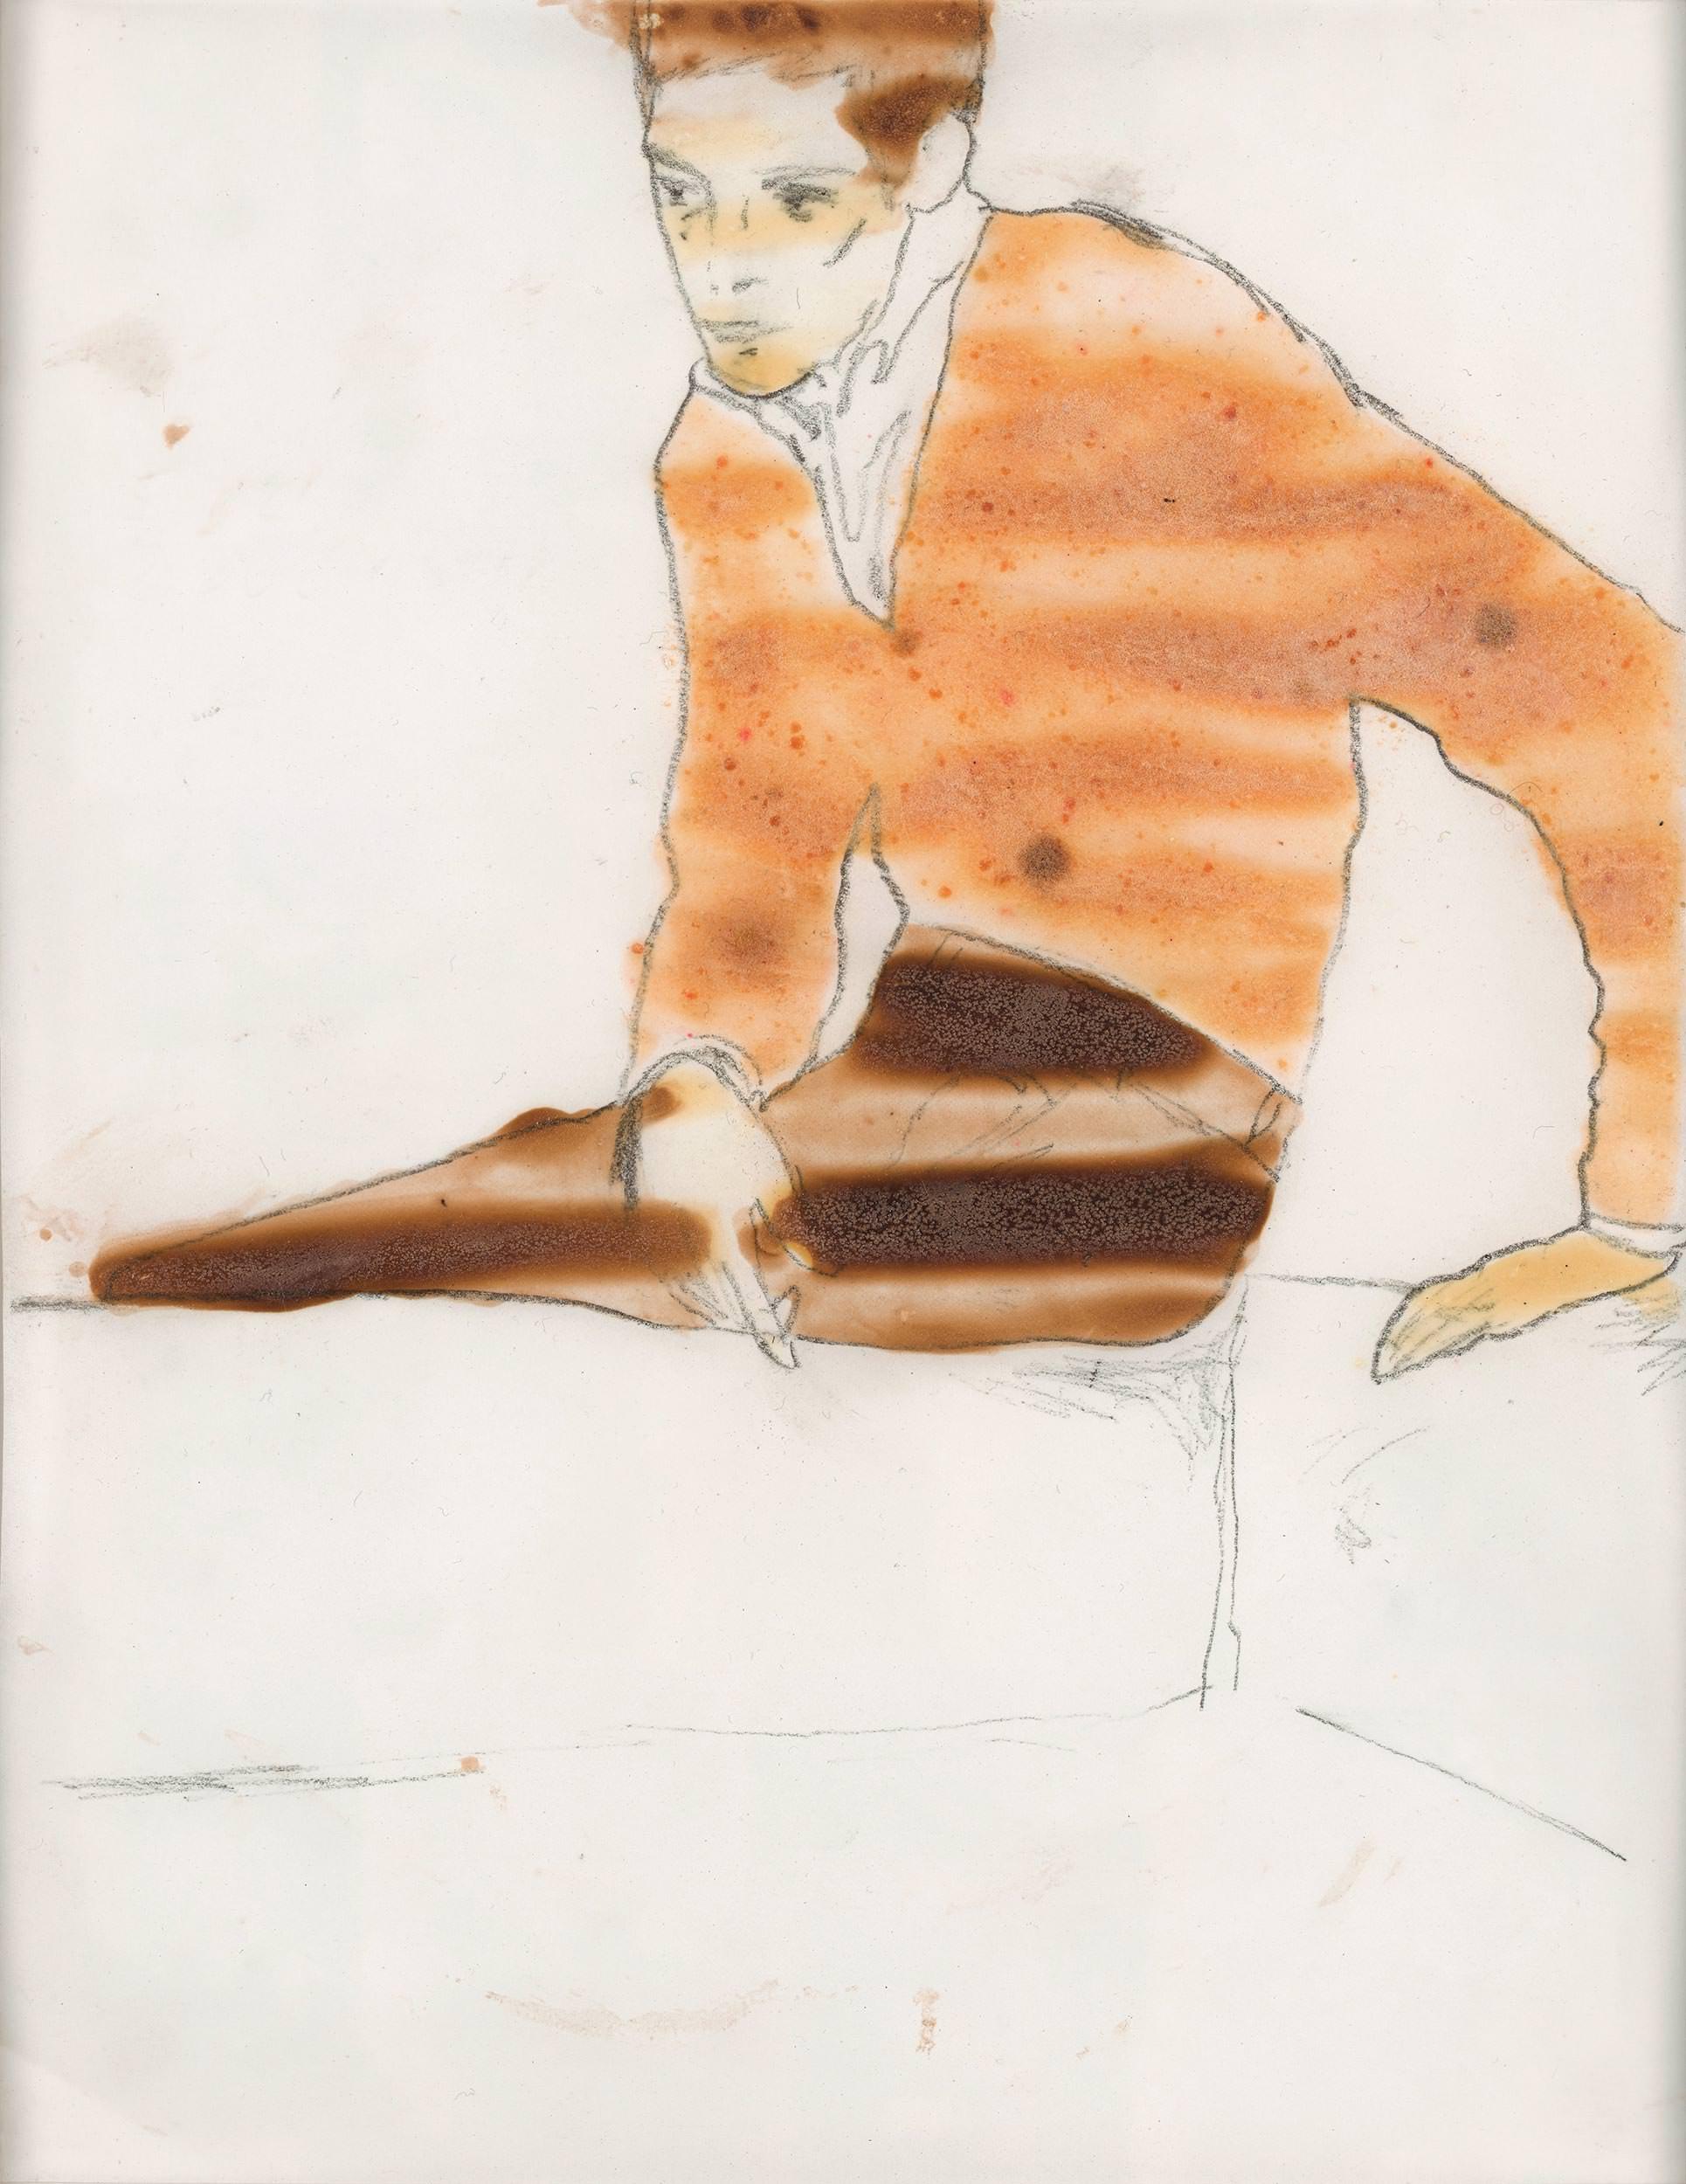 Image of Hernan Bas, Slim Fast Silhouette, 1990-2000